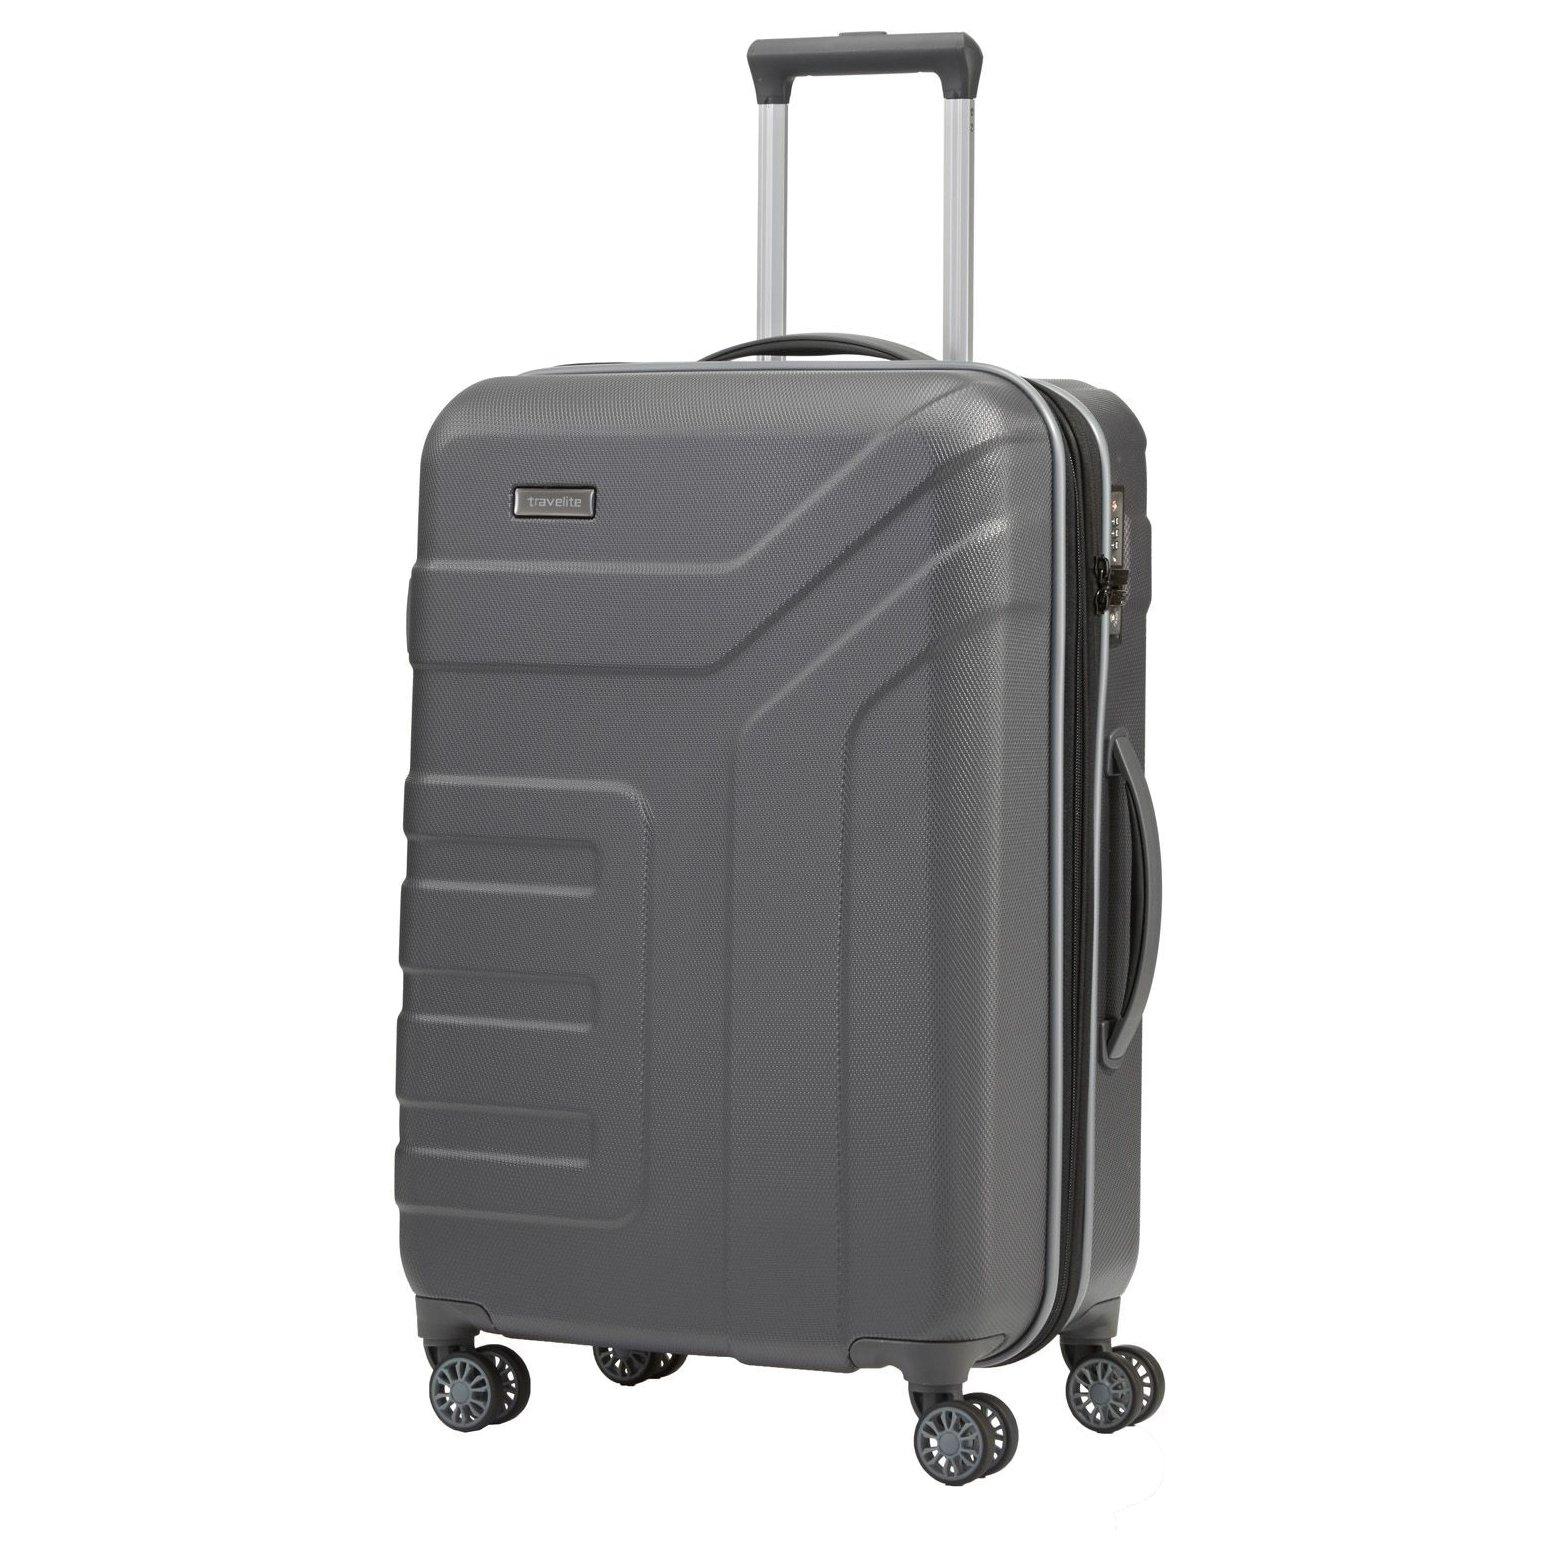 travelite vector 4 rollen trolley m 70 cm erweiterbar kaufen bei markenkoffer. Black Bedroom Furniture Sets. Home Design Ideas